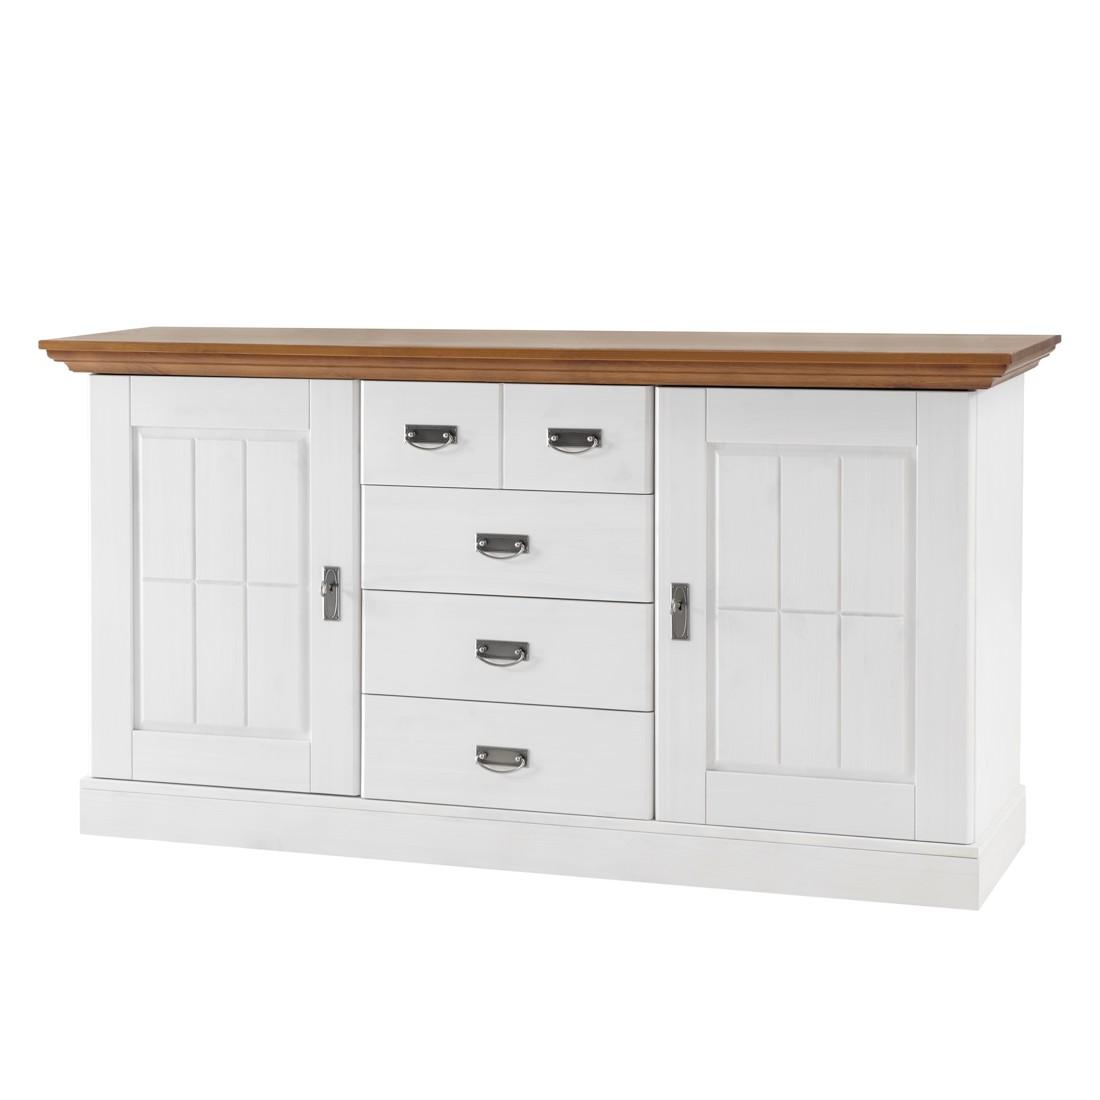 Sideboard von Landhaus Classic bei Home24 kaufen | home24